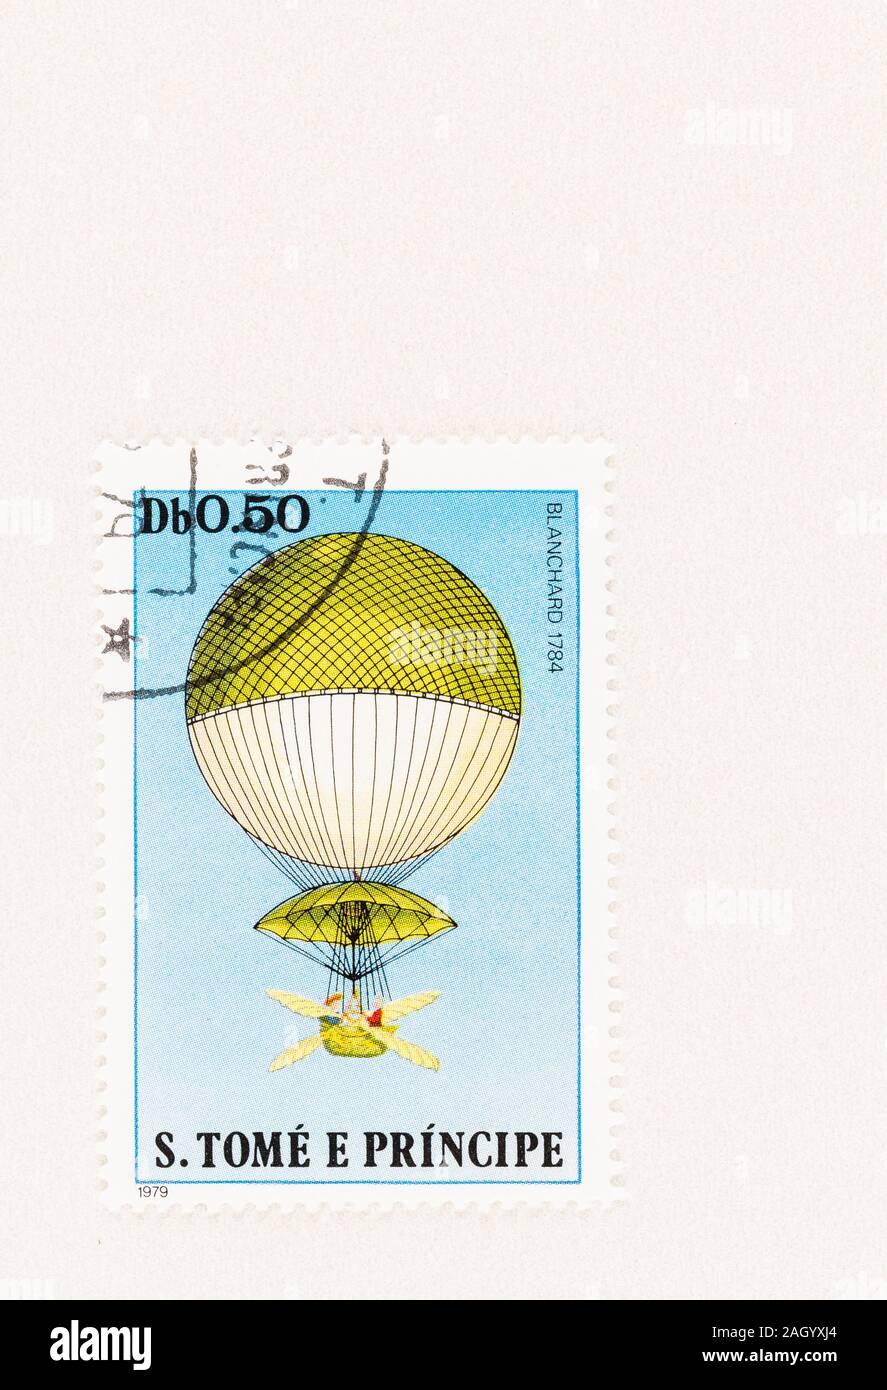 SEATTLE WASHINGON - Oktober 5, 2019: Stempel 1979 ausgestellt, zum Gedenken an den ersten erfolgreichen Wasserstoff Ballonfahrt der Erfinder und Ballonfahrer Jean Stockfoto